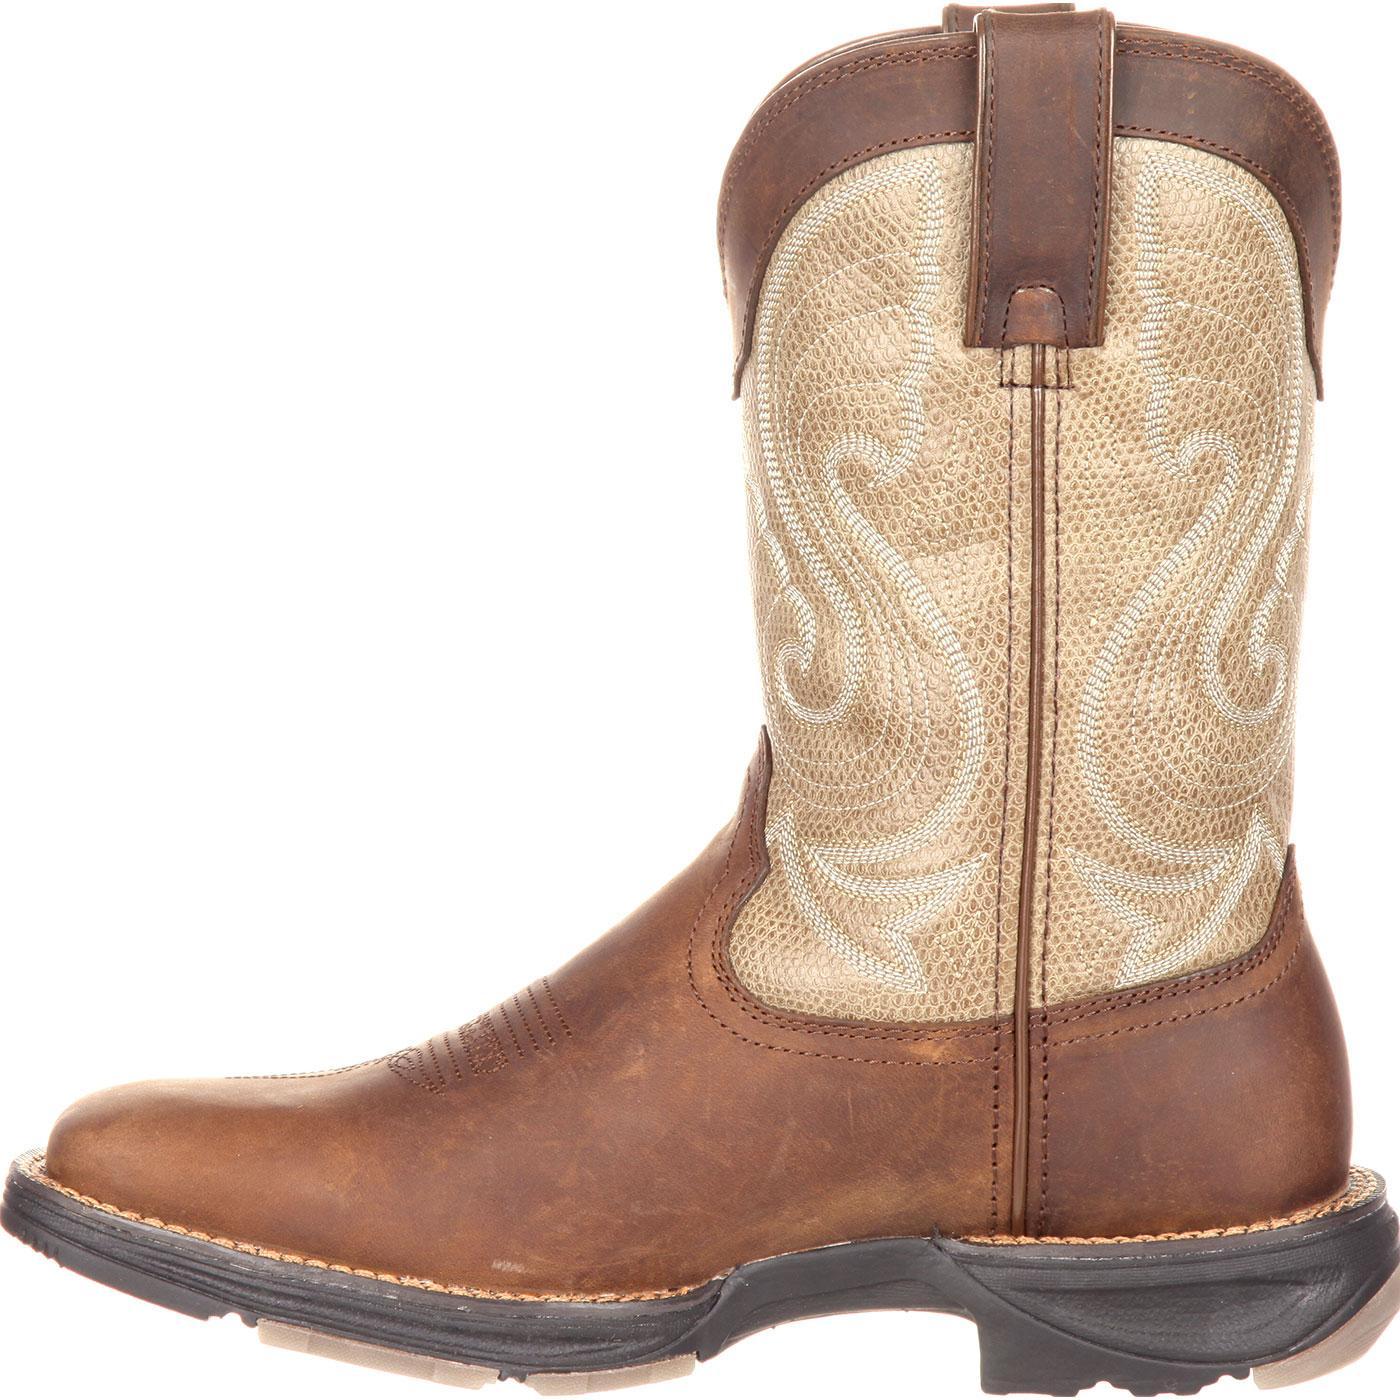 Acheter Pas Cher Offre Sortie 100% Authentique Durango Boot Drd0182 Ultralite 10 Botte Ouest (femmes) 2CmbP